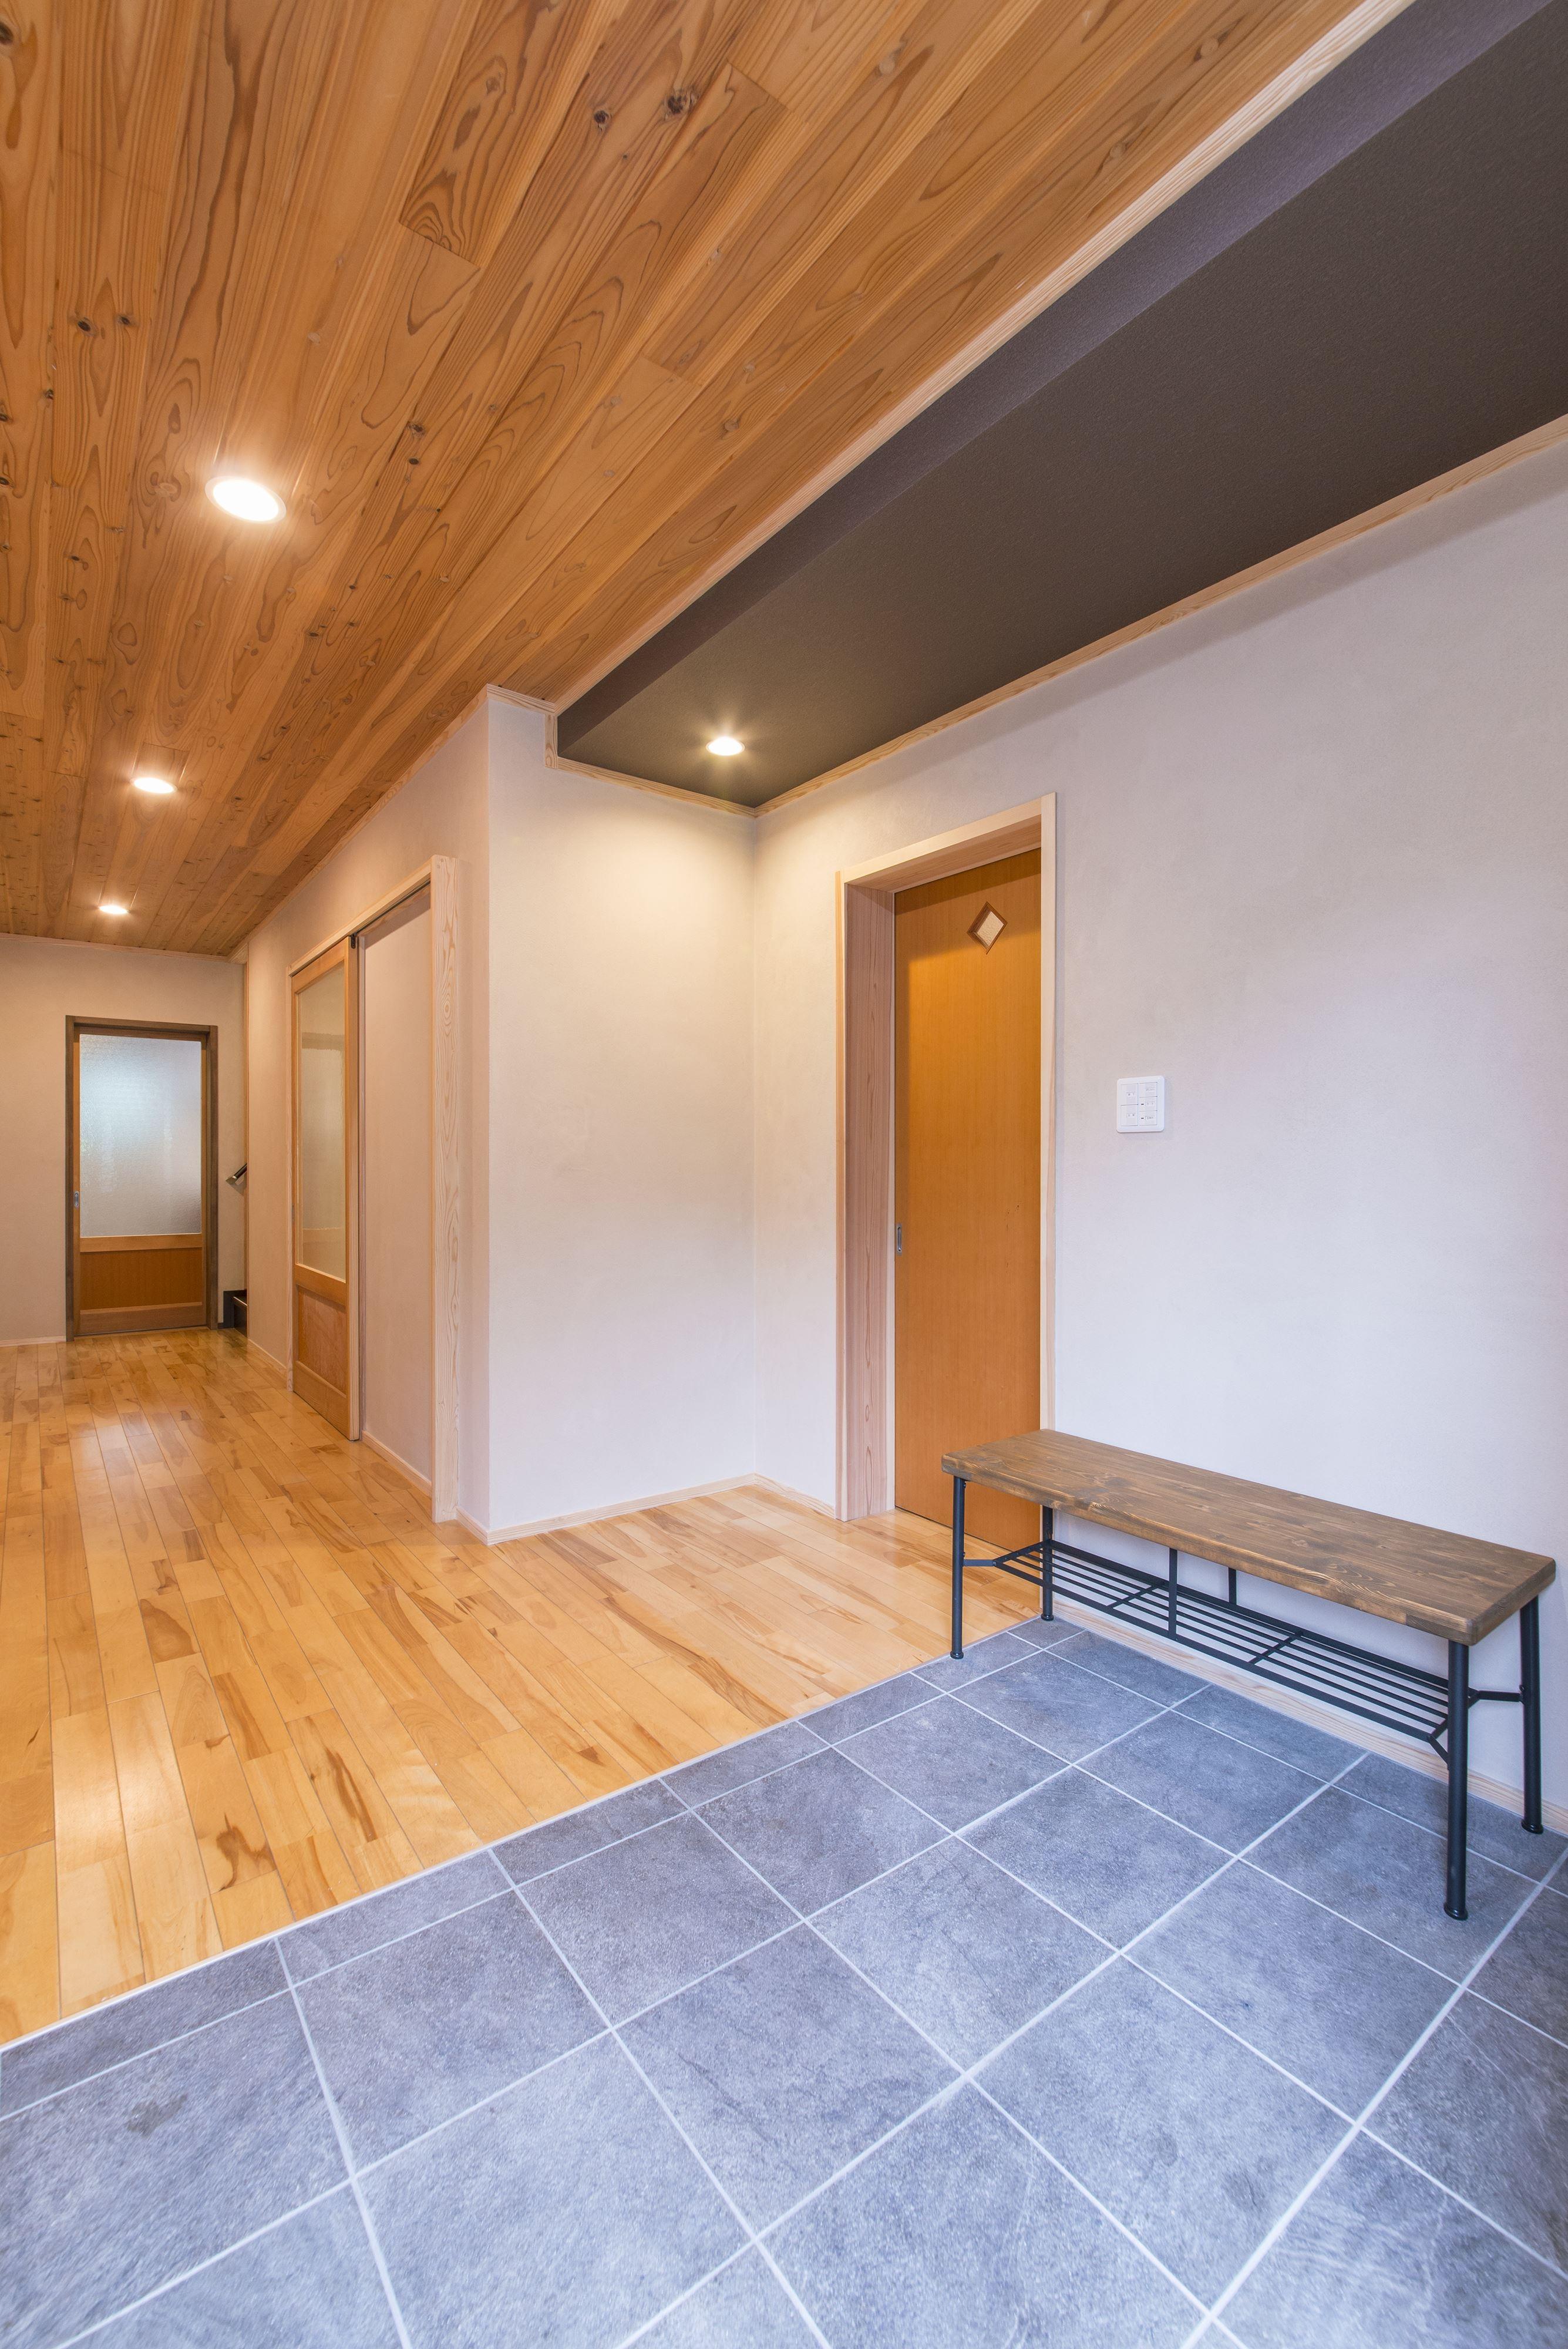 玄関事例:玄関床は新しいタイルに張り替えた。(2階を増築して、デザイン性の高い上下分離型の二世帯住宅にリフォーム。)